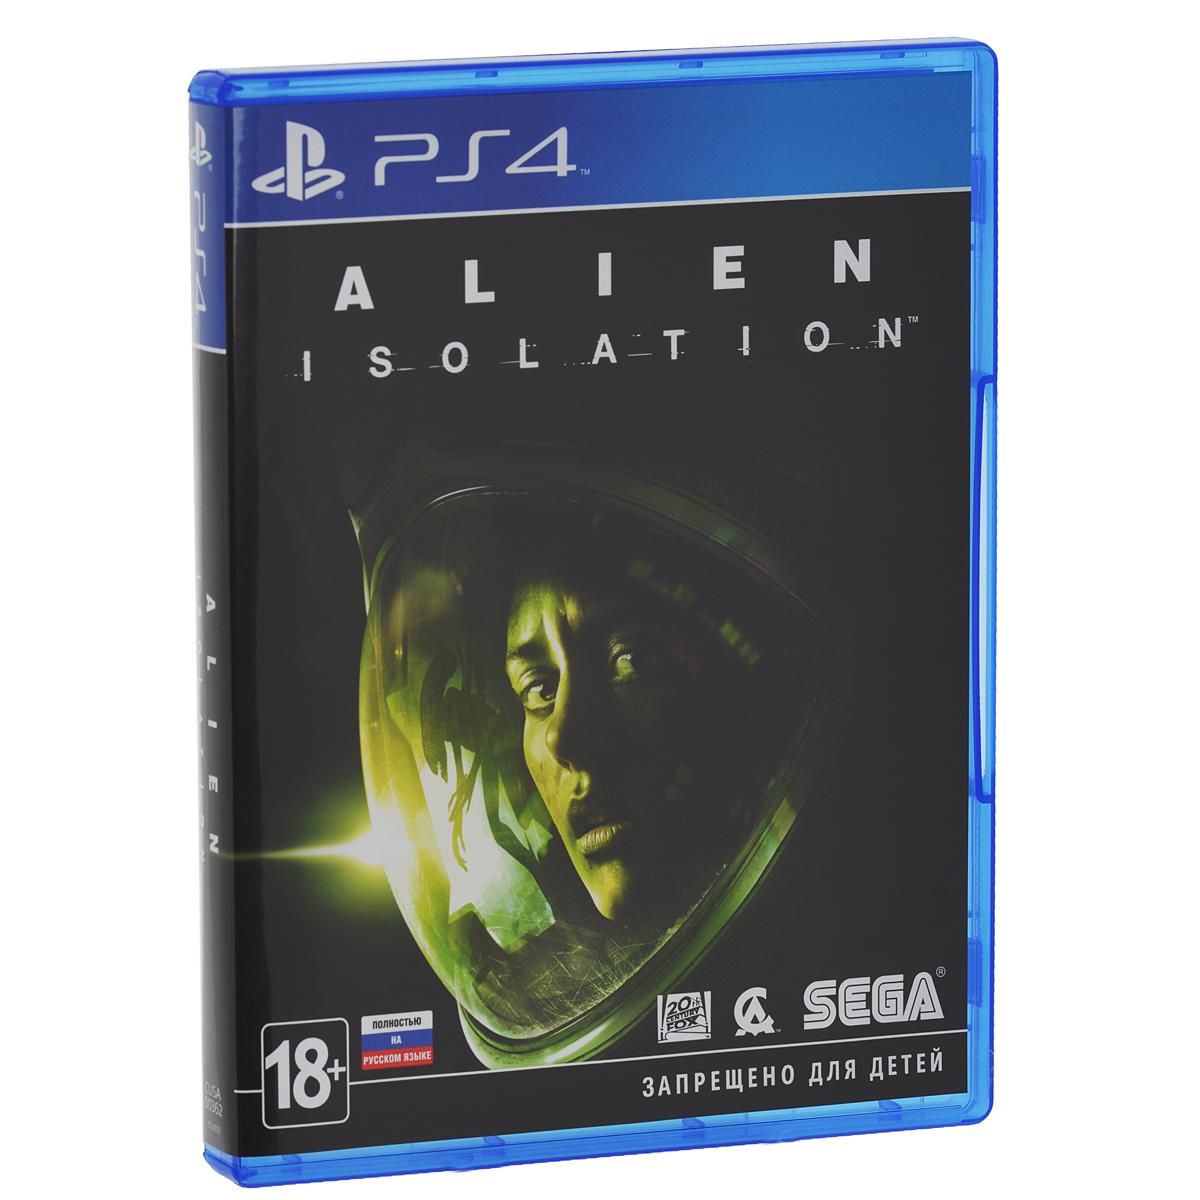 Alien: IsolationДействие триллера Alien: Isolation разворачивается спустя пятнадцать лет после событий оригинальной кинокартины Ридли Скотта Чужой. И теперь уже дочери Эллен Рипли, Аманде, предстоит столкнуться с ужасом из космических глубин в попытке выяснить всю правду об исчезновении матери. В роли Аманды вы повстречаетесь с ослепленными паникой, доведенными до крайней степени отчаяния людьми и непредсказуемым безжалостным ксеноморфом - Чужим… Аманда не обладает выдающейся силой и не имеет специальной подготовки. А значит, ей с вашей помощью предстоит проявить находчивость в, казалось бы, безвыходном положении, научиться быстро принимать решения перед лицом смертельной опасности и в полной мере воспользоваться своим единственным преимуществом - разумом. Только так получится выжить. Особенности игры: Вы испытаете настоящий ужас перед Чужим - опаснейшим противником, который не остановится ни перед чем, чтобы добраться до вас, и незамедлительно реагирует на...